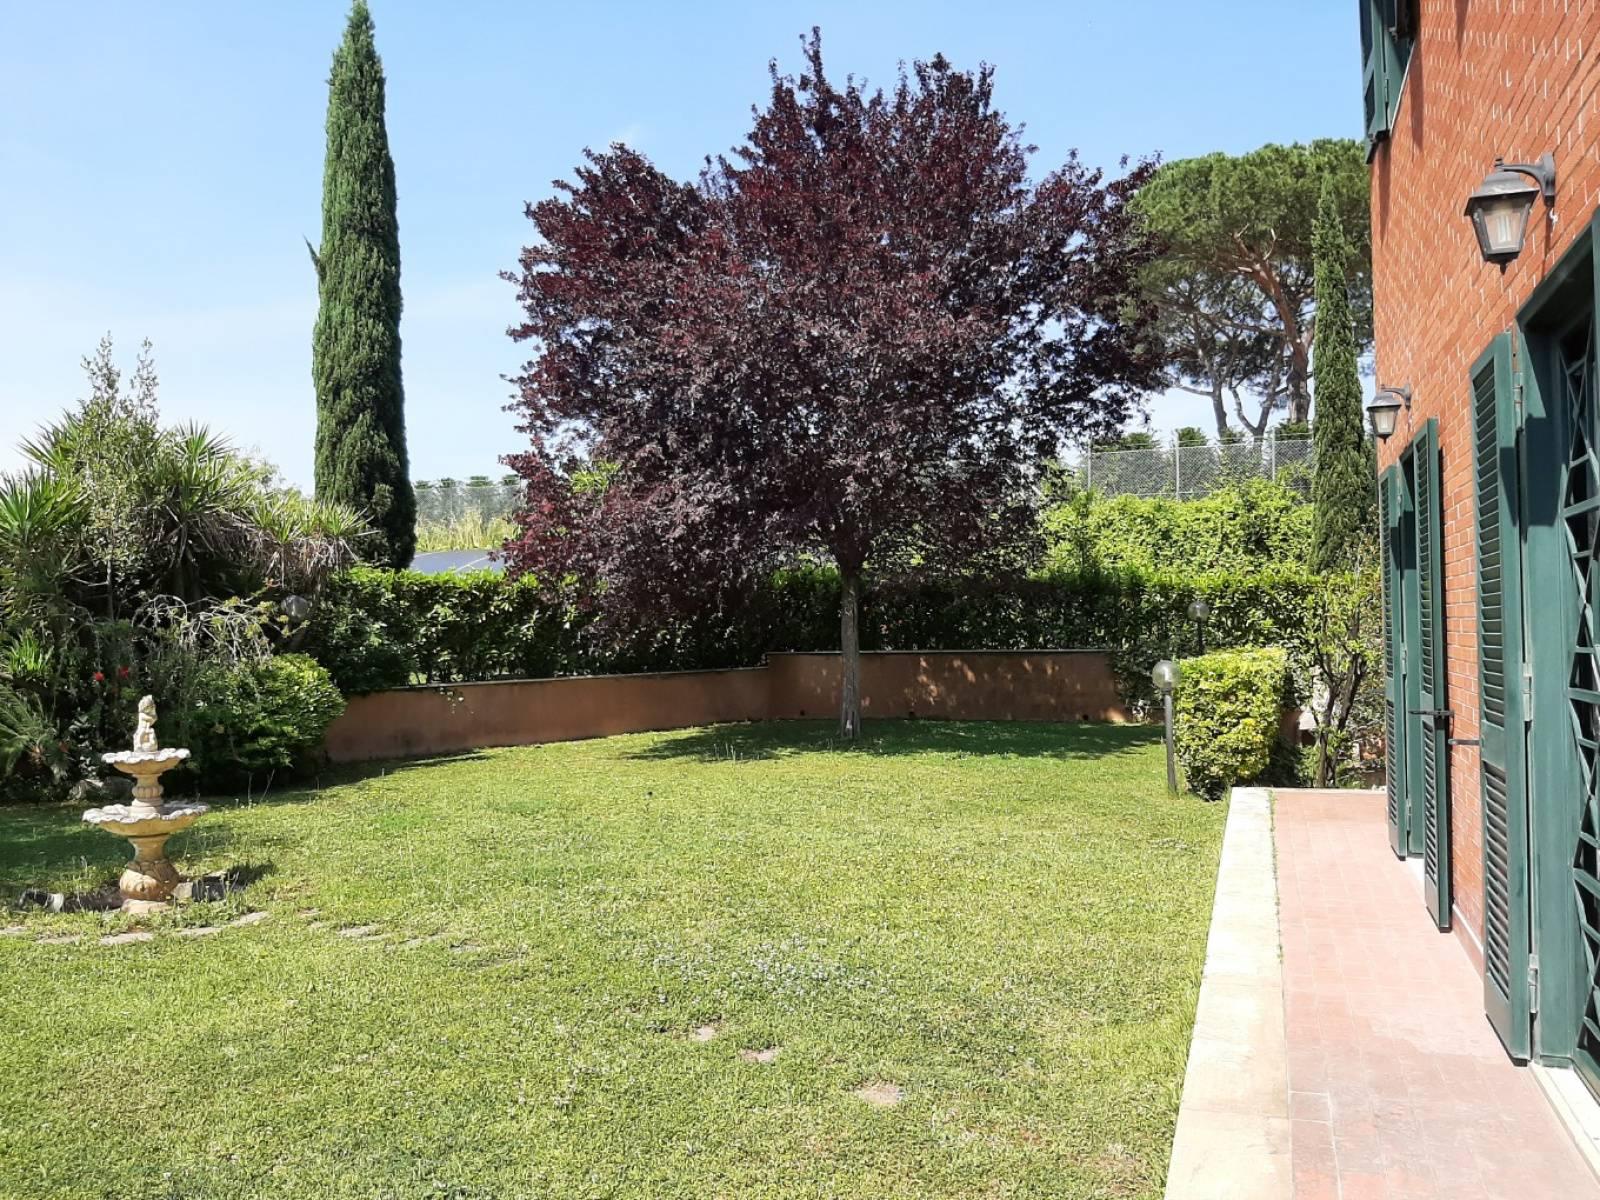 1118420660 Plurilocale (8) in Via Di Casal Boccone, Roma, Zona Bufalotta